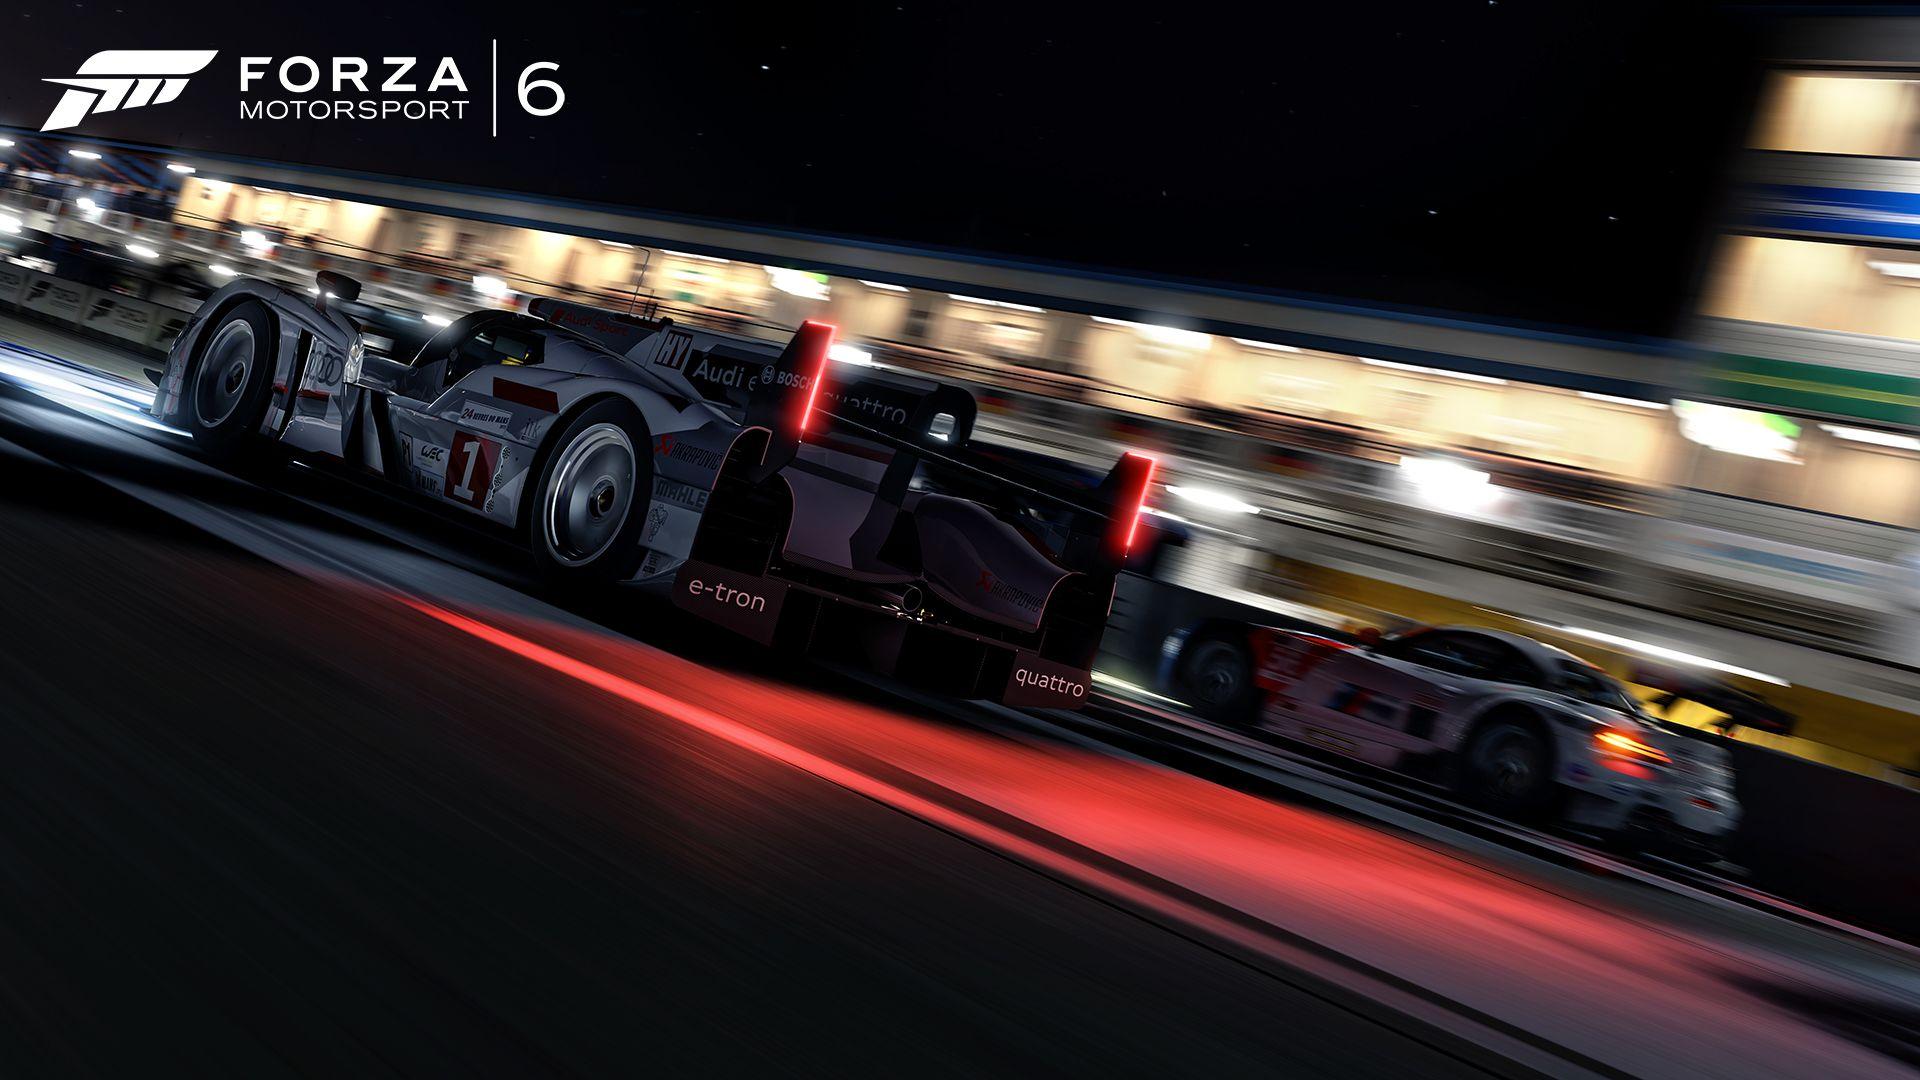 Detaily o tratích a autech ve Forza Motorsport 6 110367